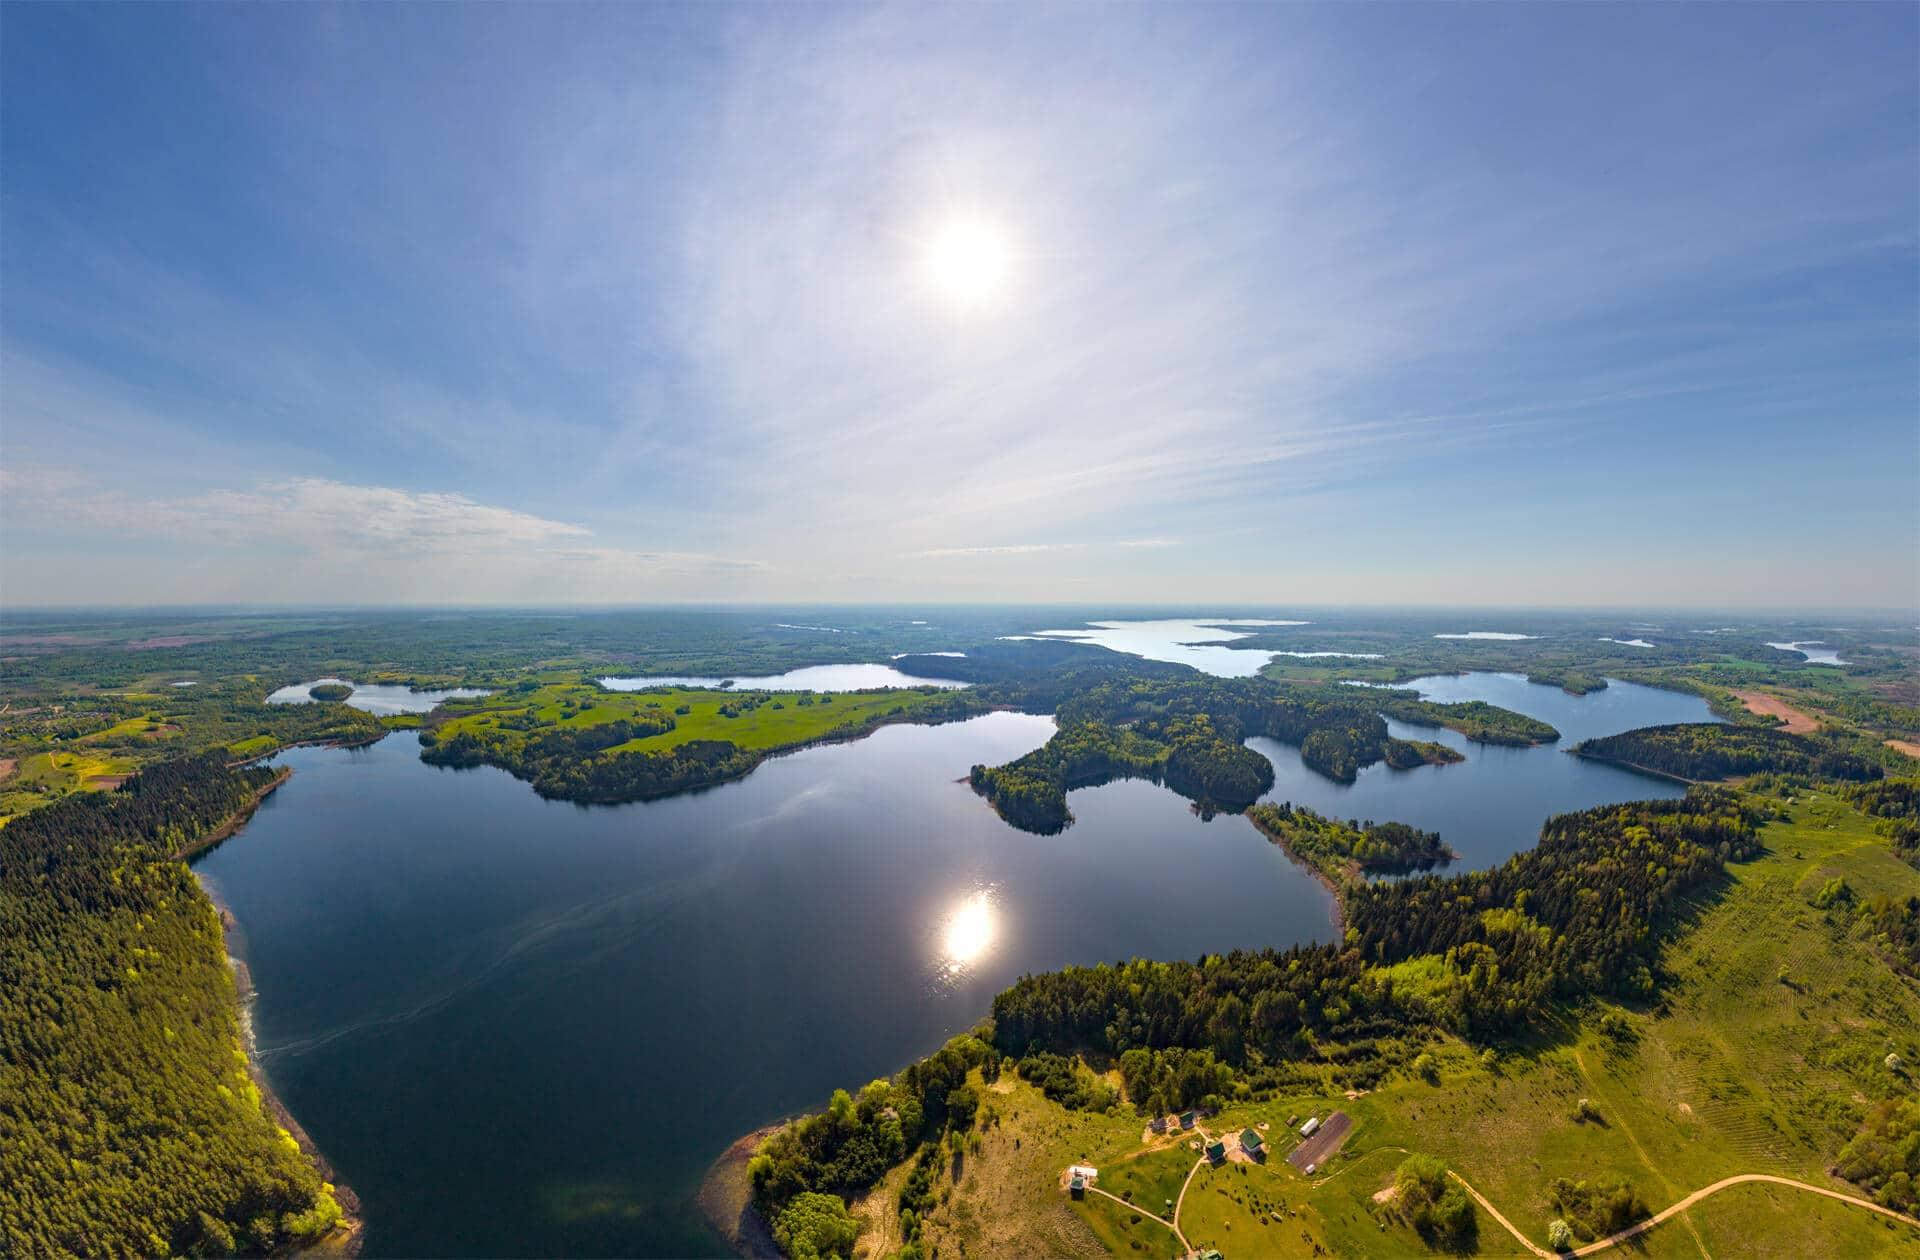 belarus-lake-camping